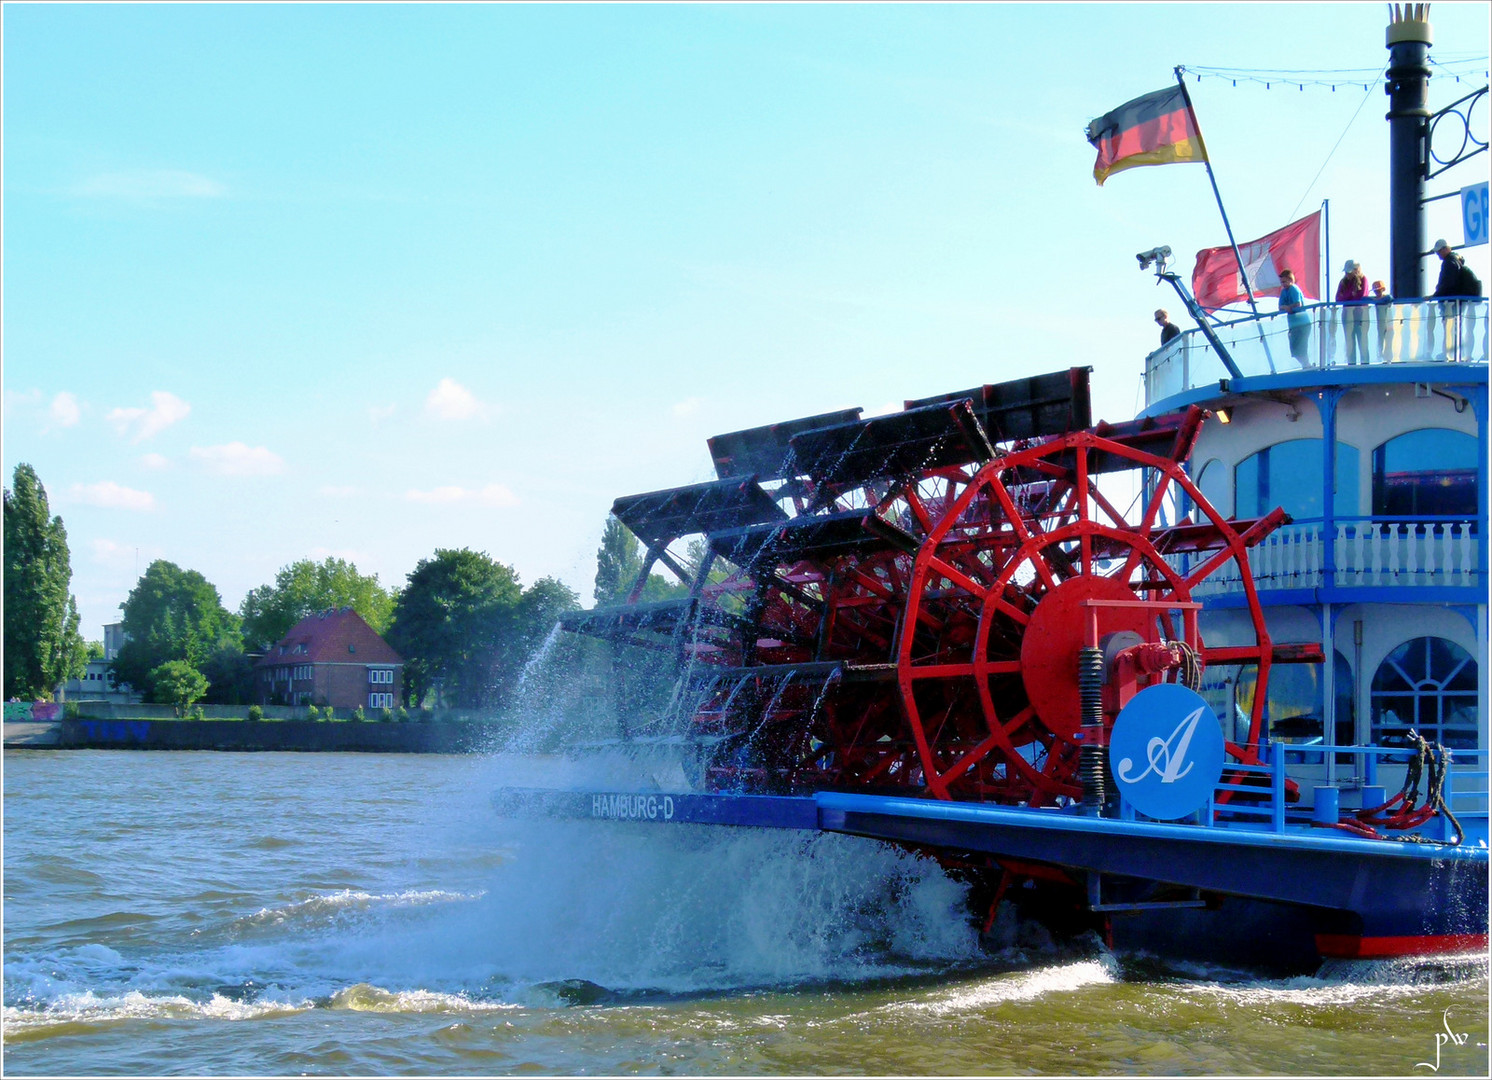 Nicht in New Orleans, sondern auf der Elbe in Hamburg